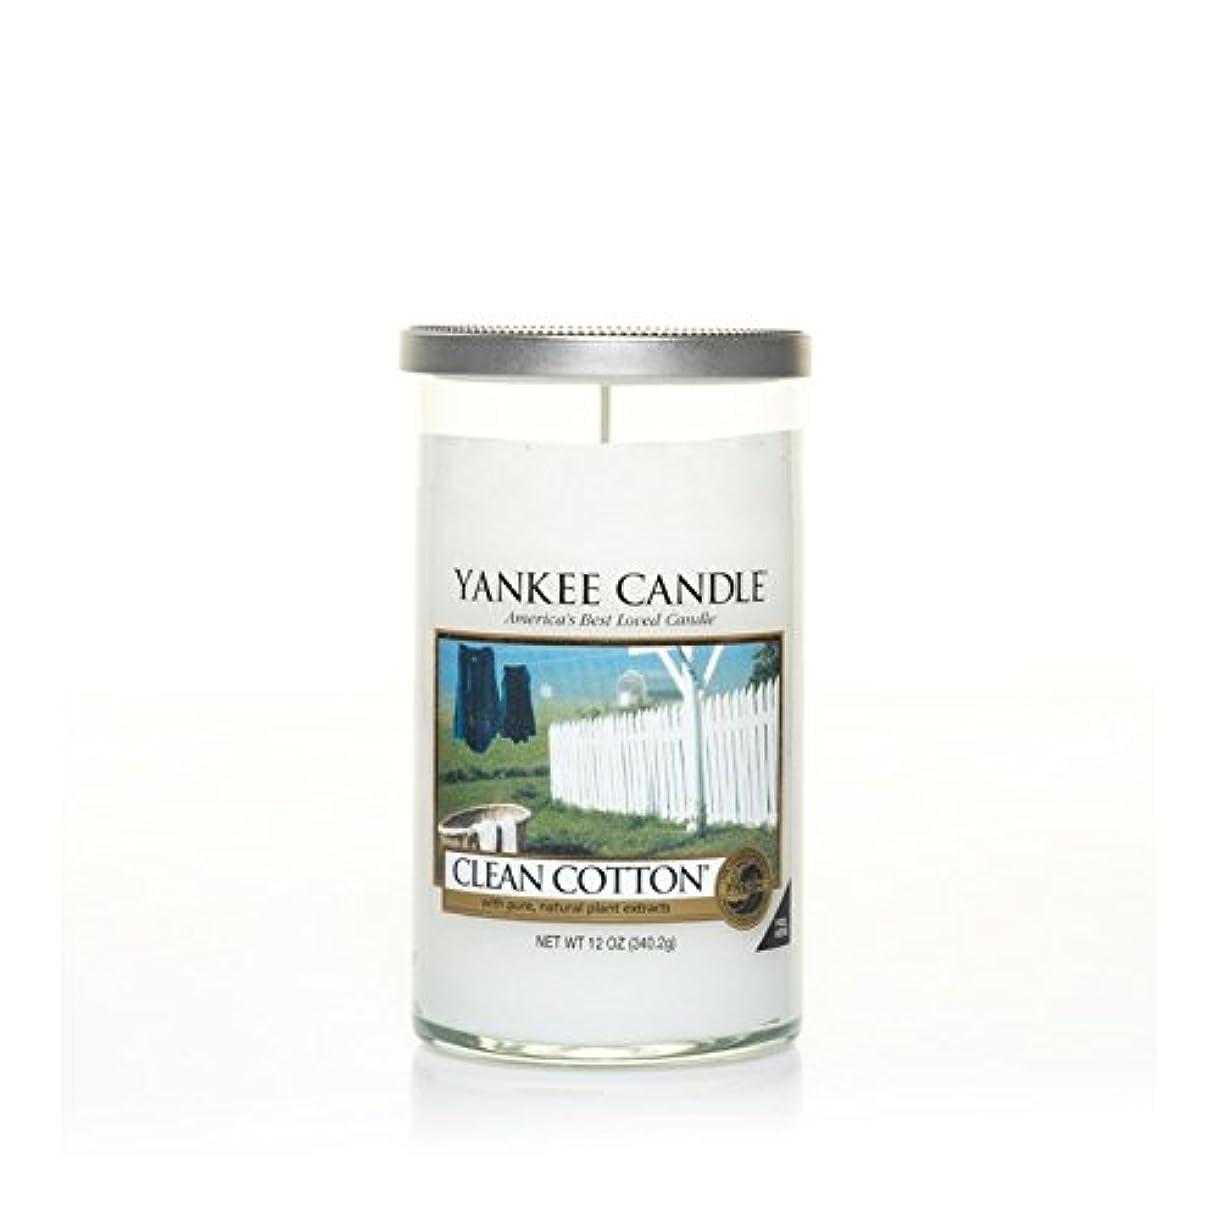 操縦するシャベル丁寧Yankee Candles Medium Pillar Candle - Clean Cotton (Pack of 2) - ヤンキーキャンドルメディアピラーキャンドル - きれいな綿 (x2) [並行輸入品]